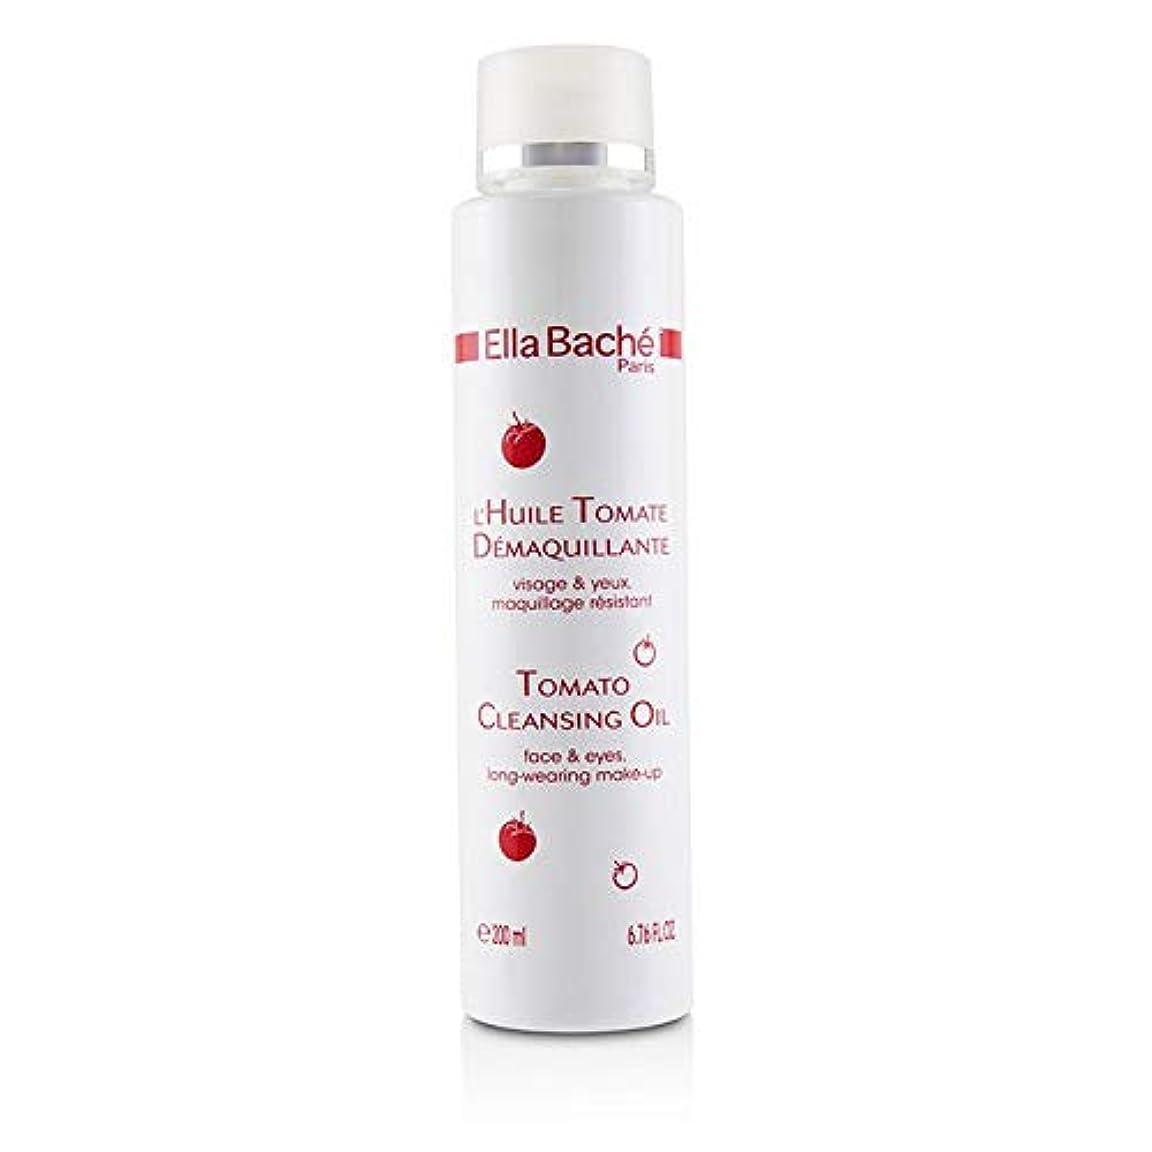 遺伝的殺人巨大なエラバシェ Tomato Cleansing Oil for Face & Eyes, Long-Wearing Make-Up 200ml/6.76oz並行輸入品